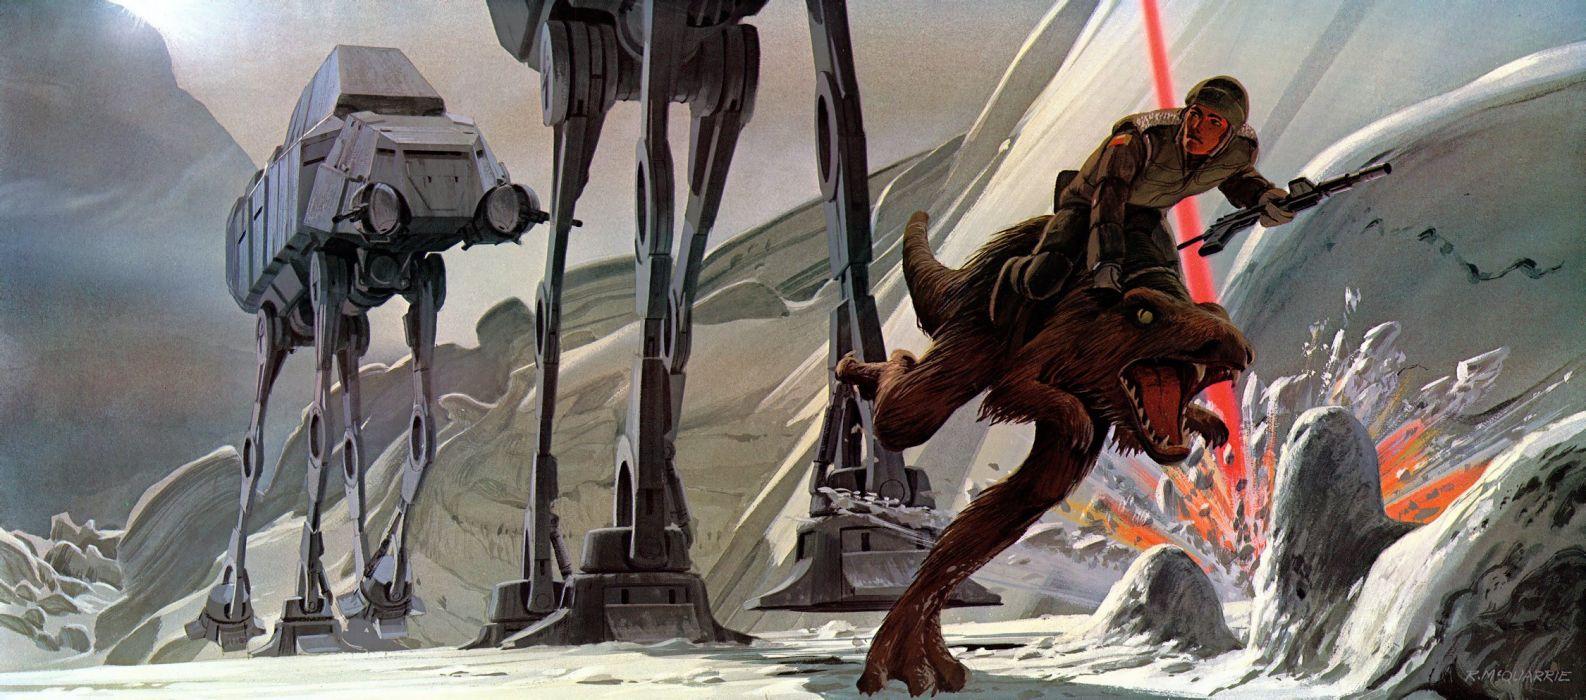 STAR WARS EMPIRE STRIKES BACK sci-fi futuristic movie film action (12) wallpaper